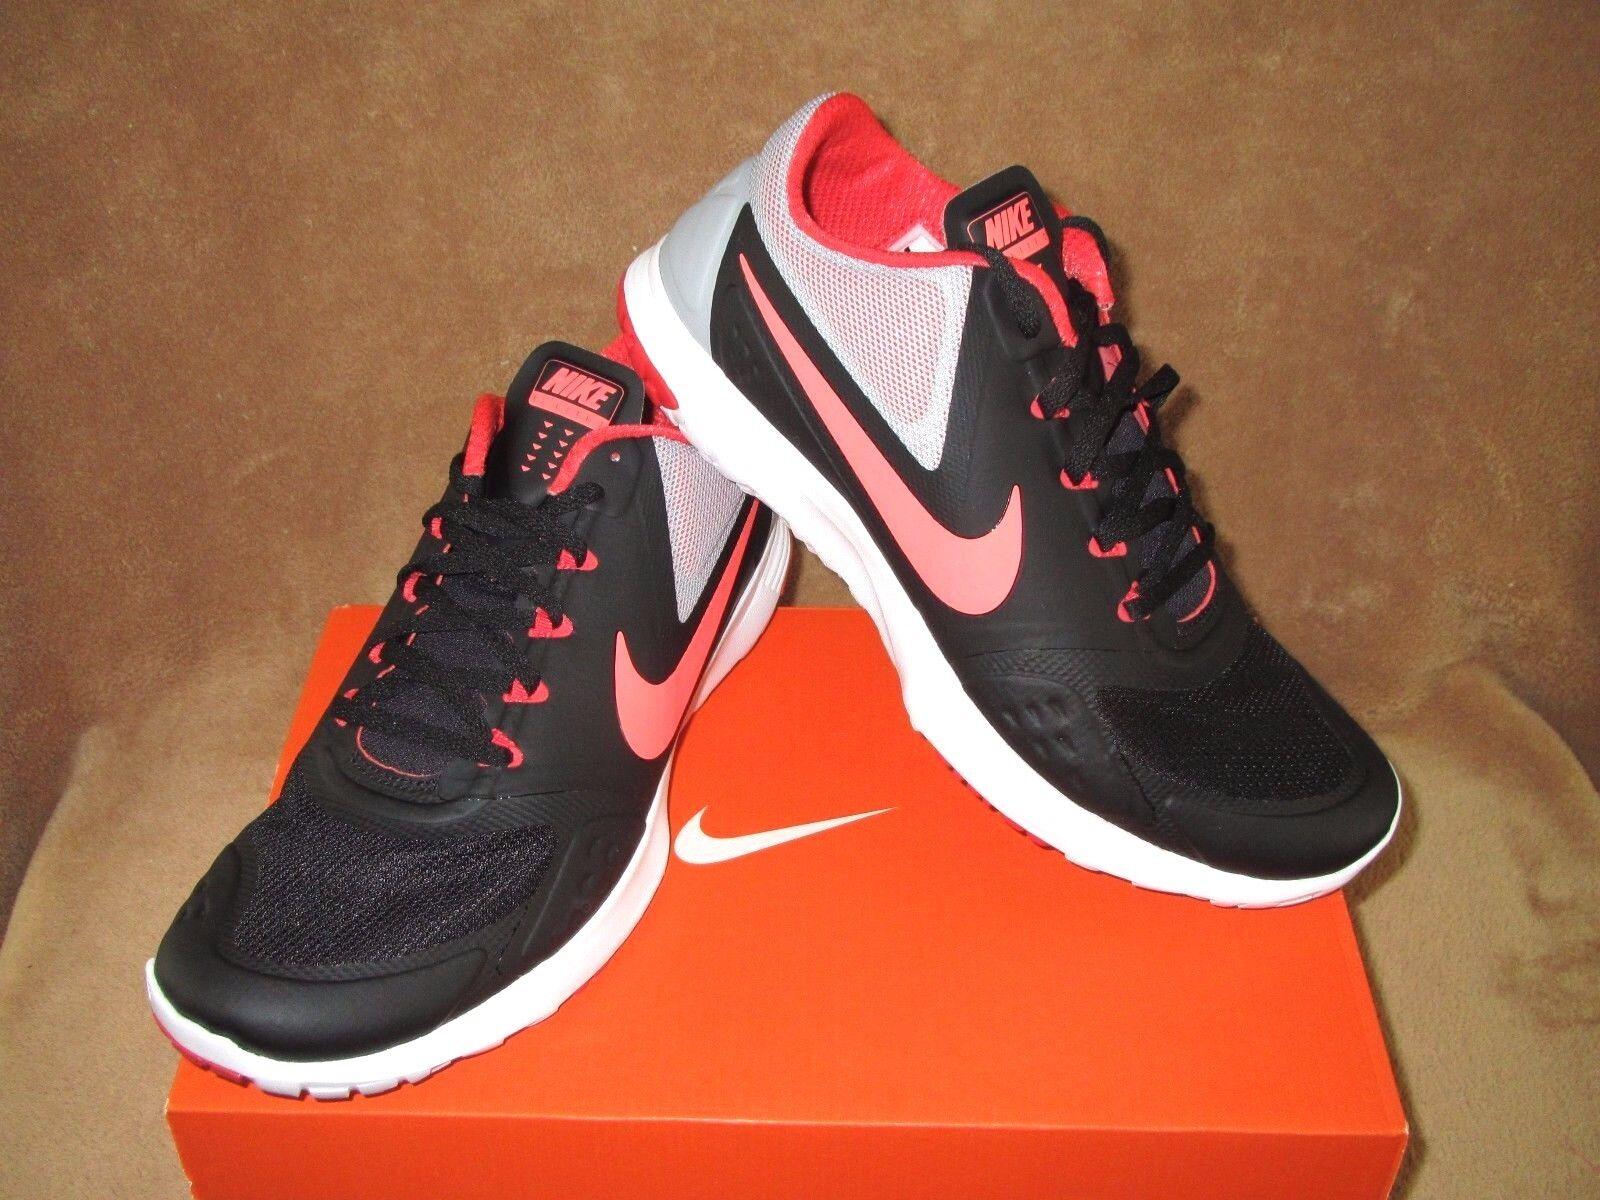 Nueva Nike SM Lite Trainer II zapatos Negro / Gris Hot Lava / WLF Gris / / drng Rd hombres 8,5, 10 df4ea0